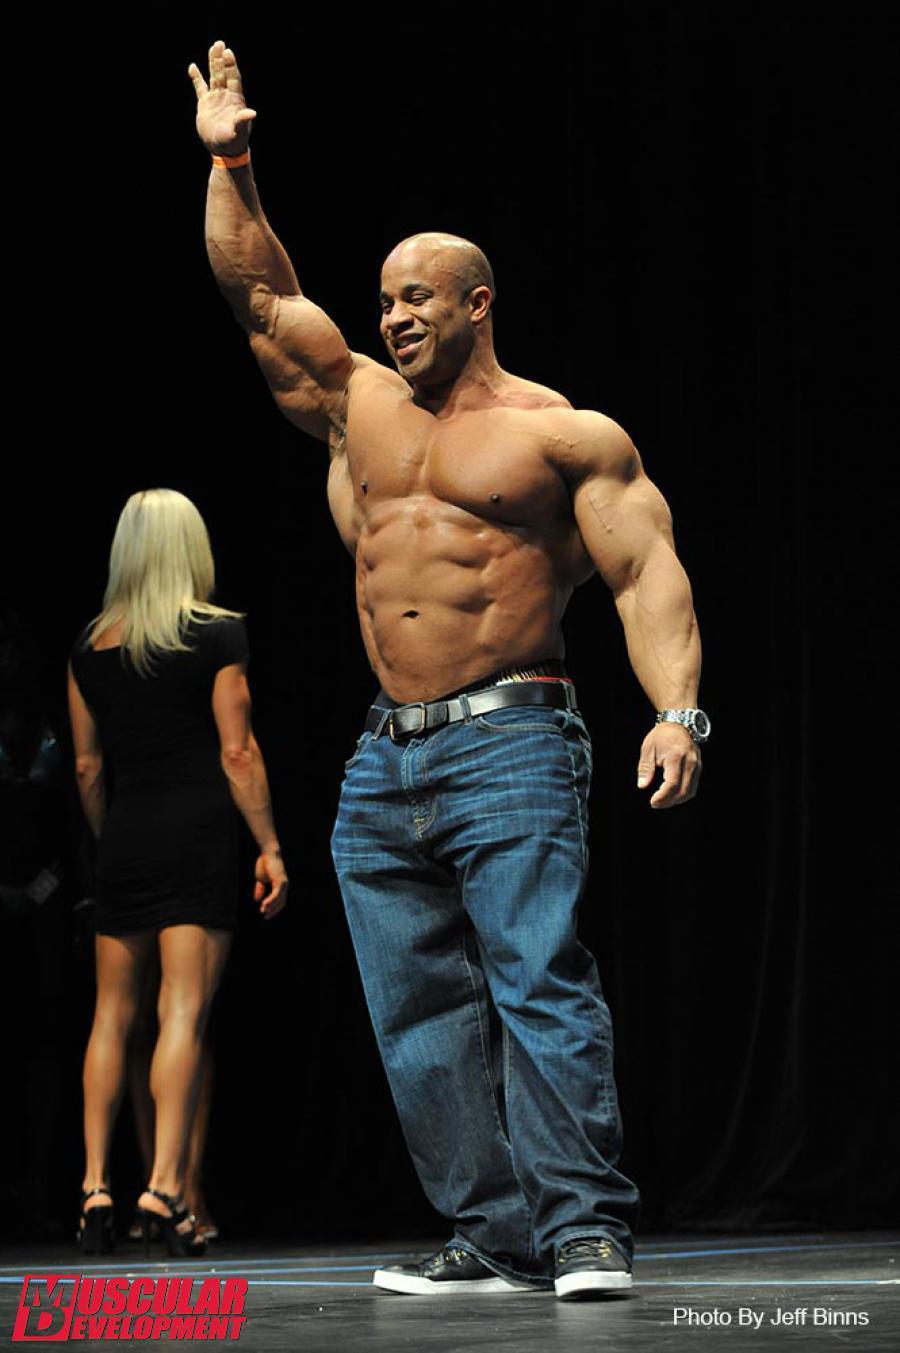 Champion Bodybuilder : Victor Martinez - Page 2